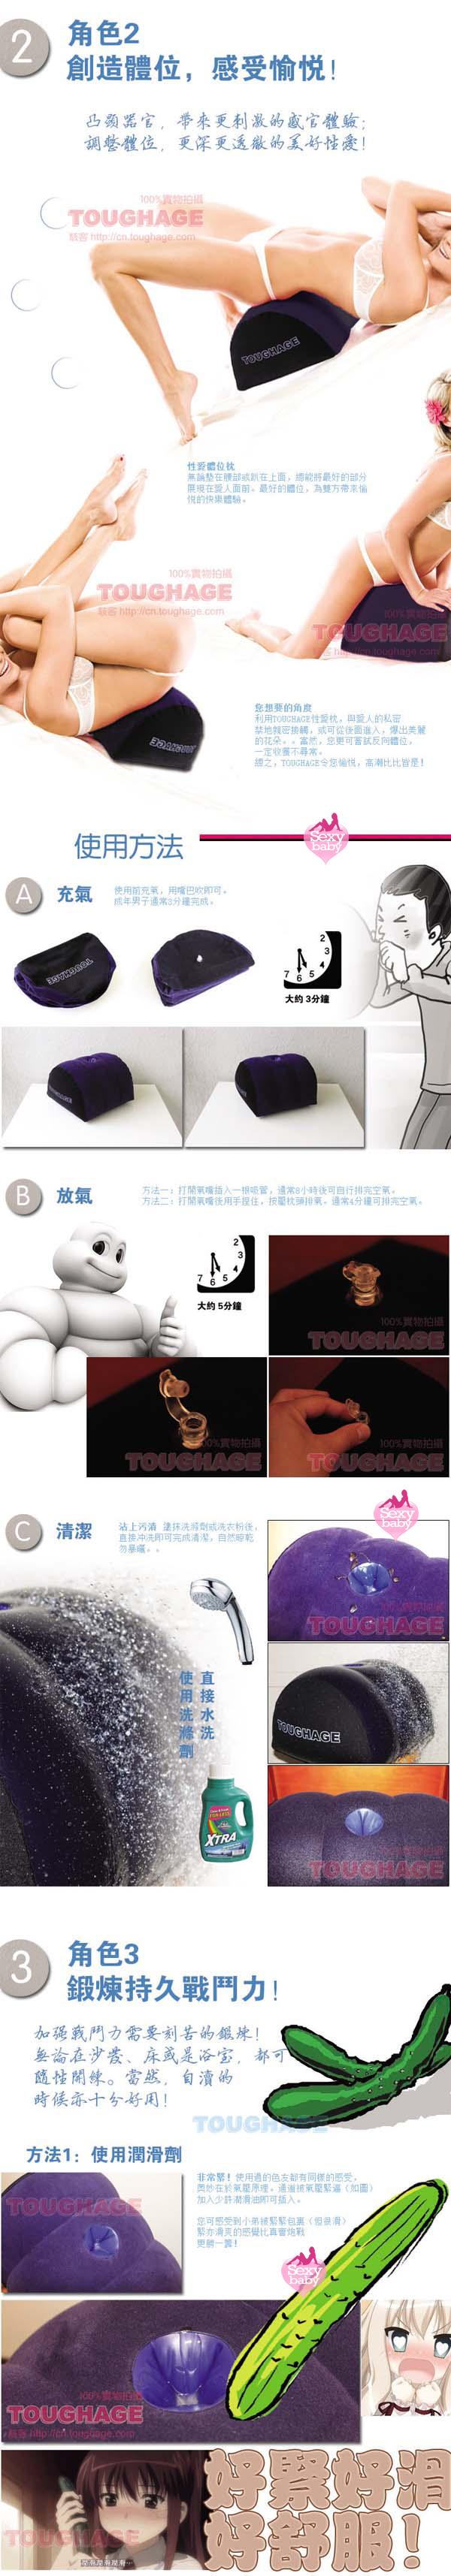 情趣精品-美國駭客Toughage-多功能性愛枕